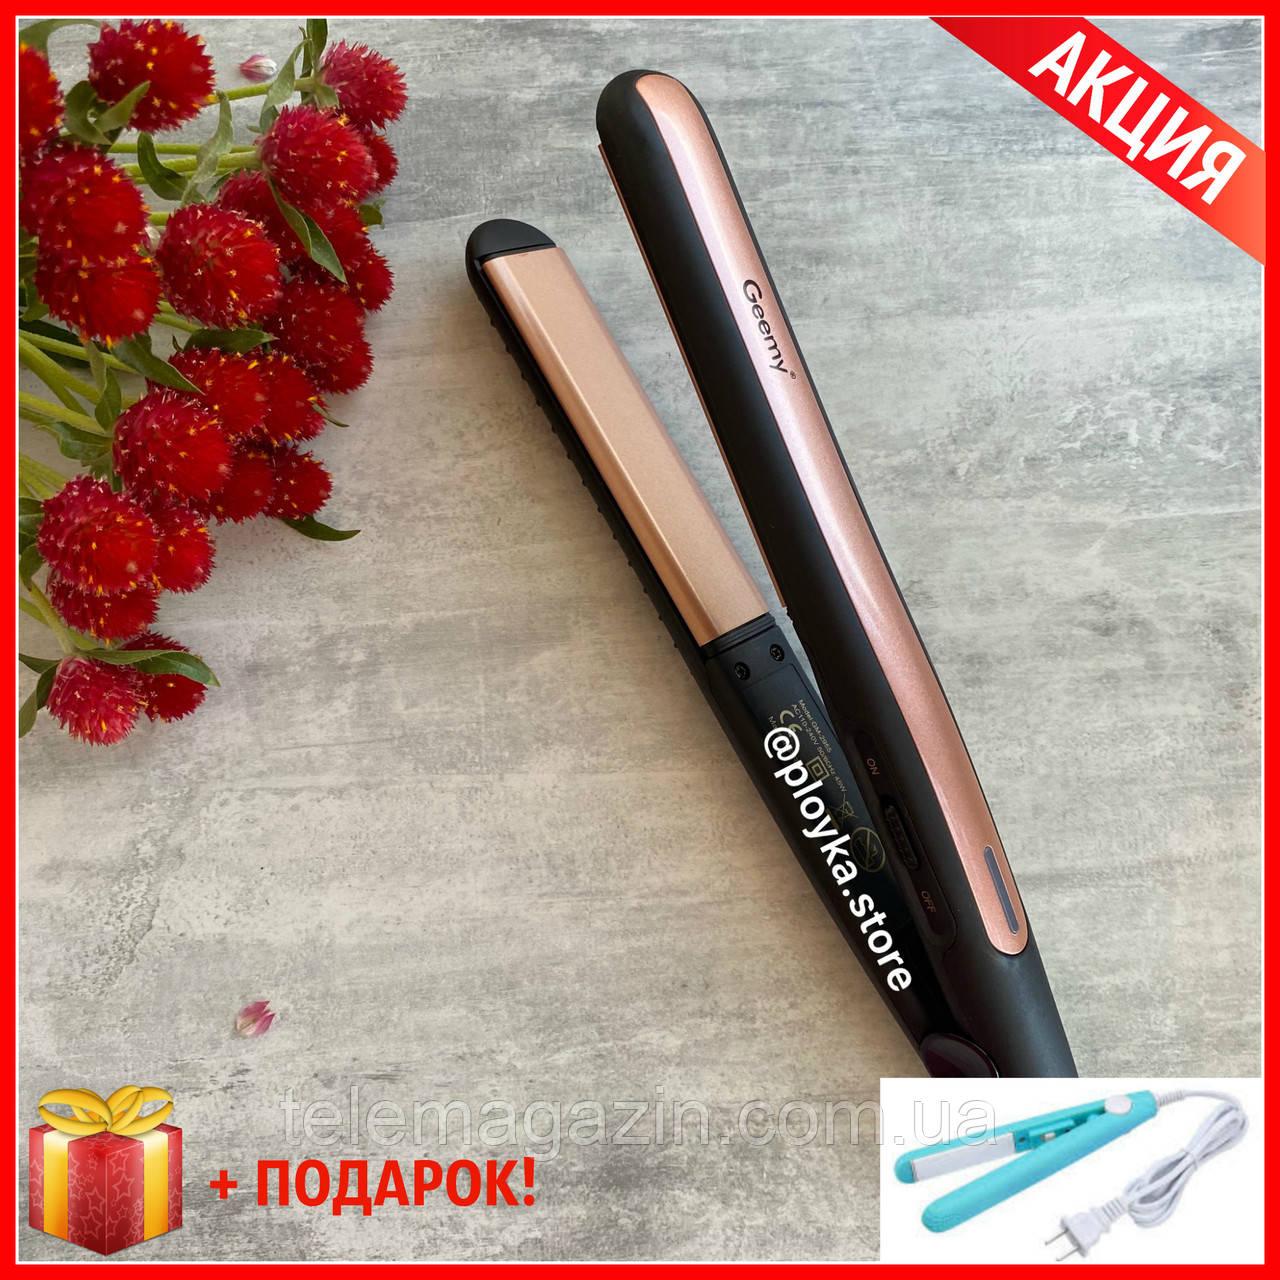 Выравниватель для волос Geemy GM-2955 ОРИГИНАЛ плойка утюжок  + Подарок